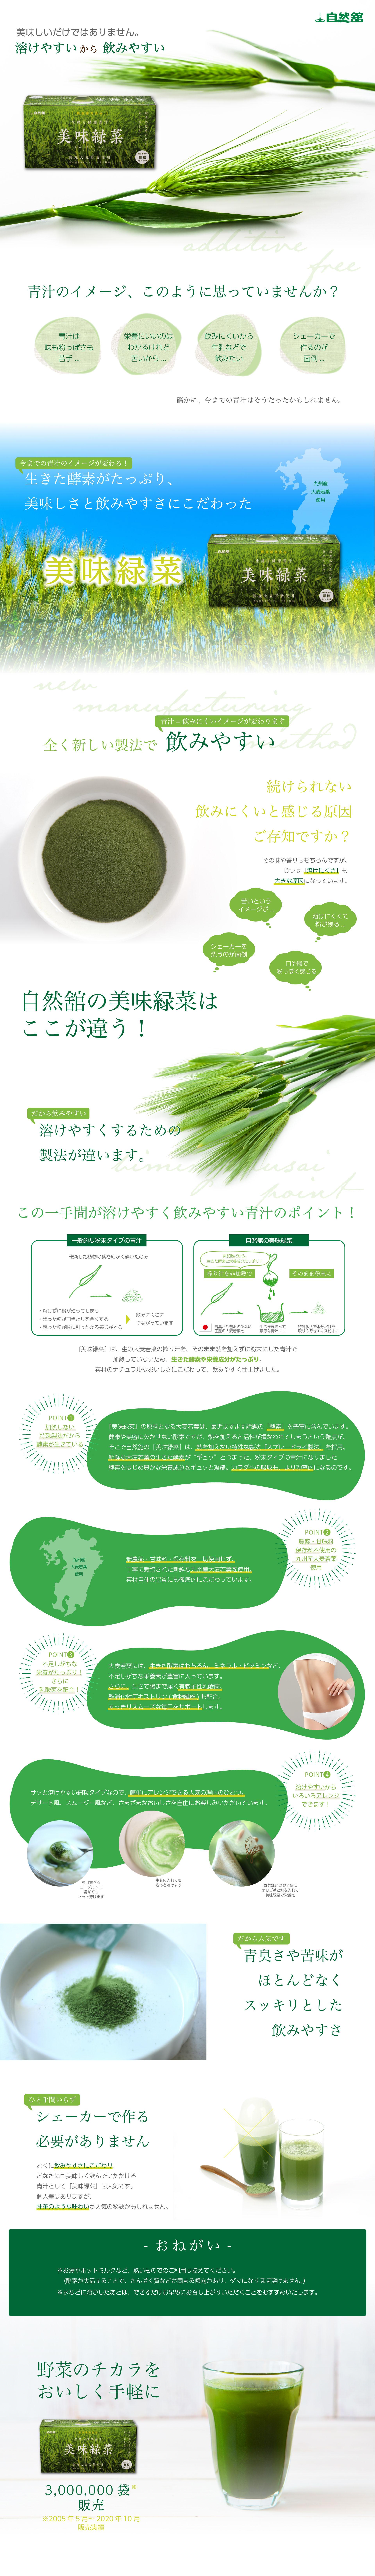 自然舘の美味緑菜詳細説明画像